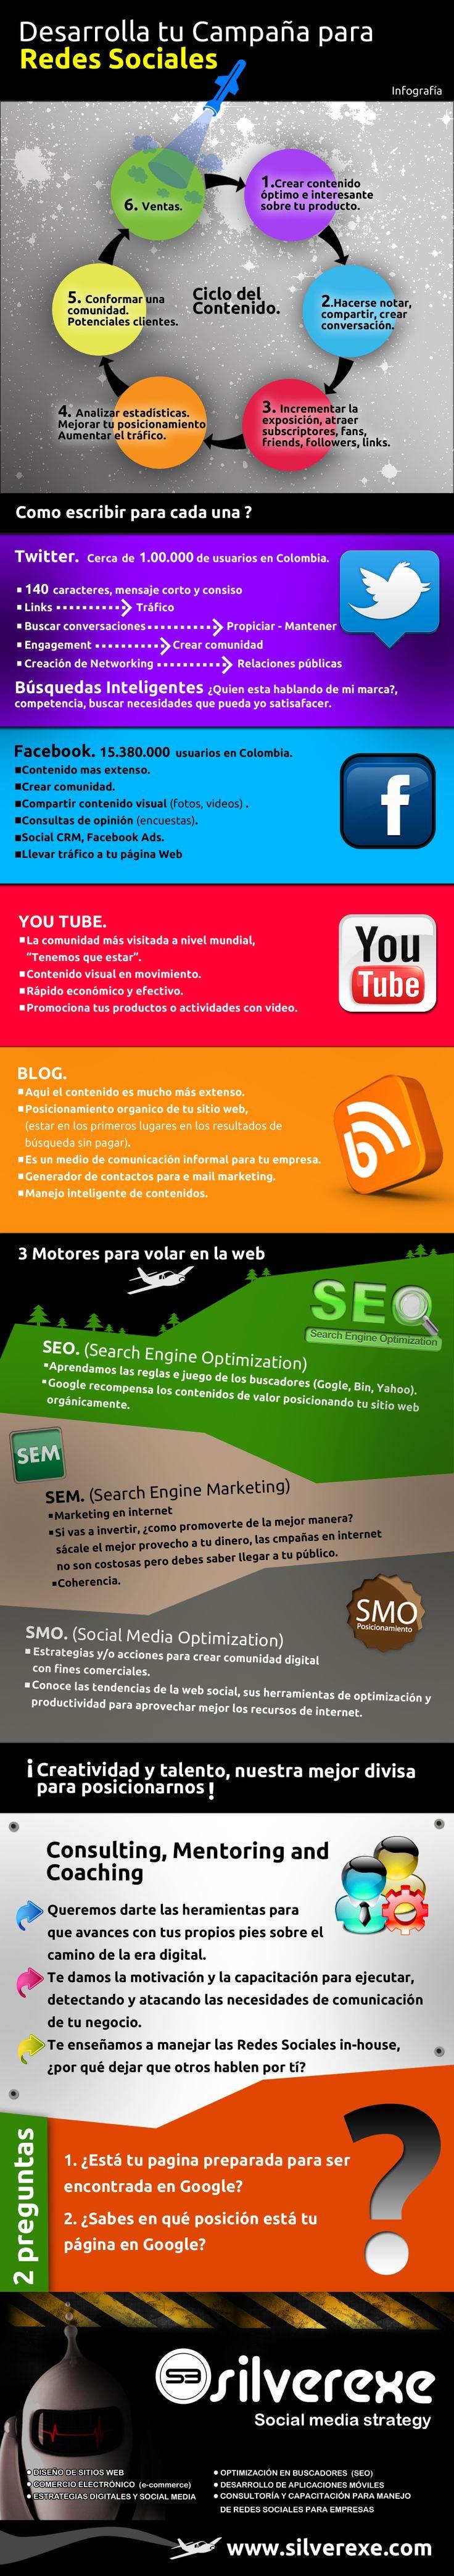 Desarrolla tu campaña en redes Sociales #infografia